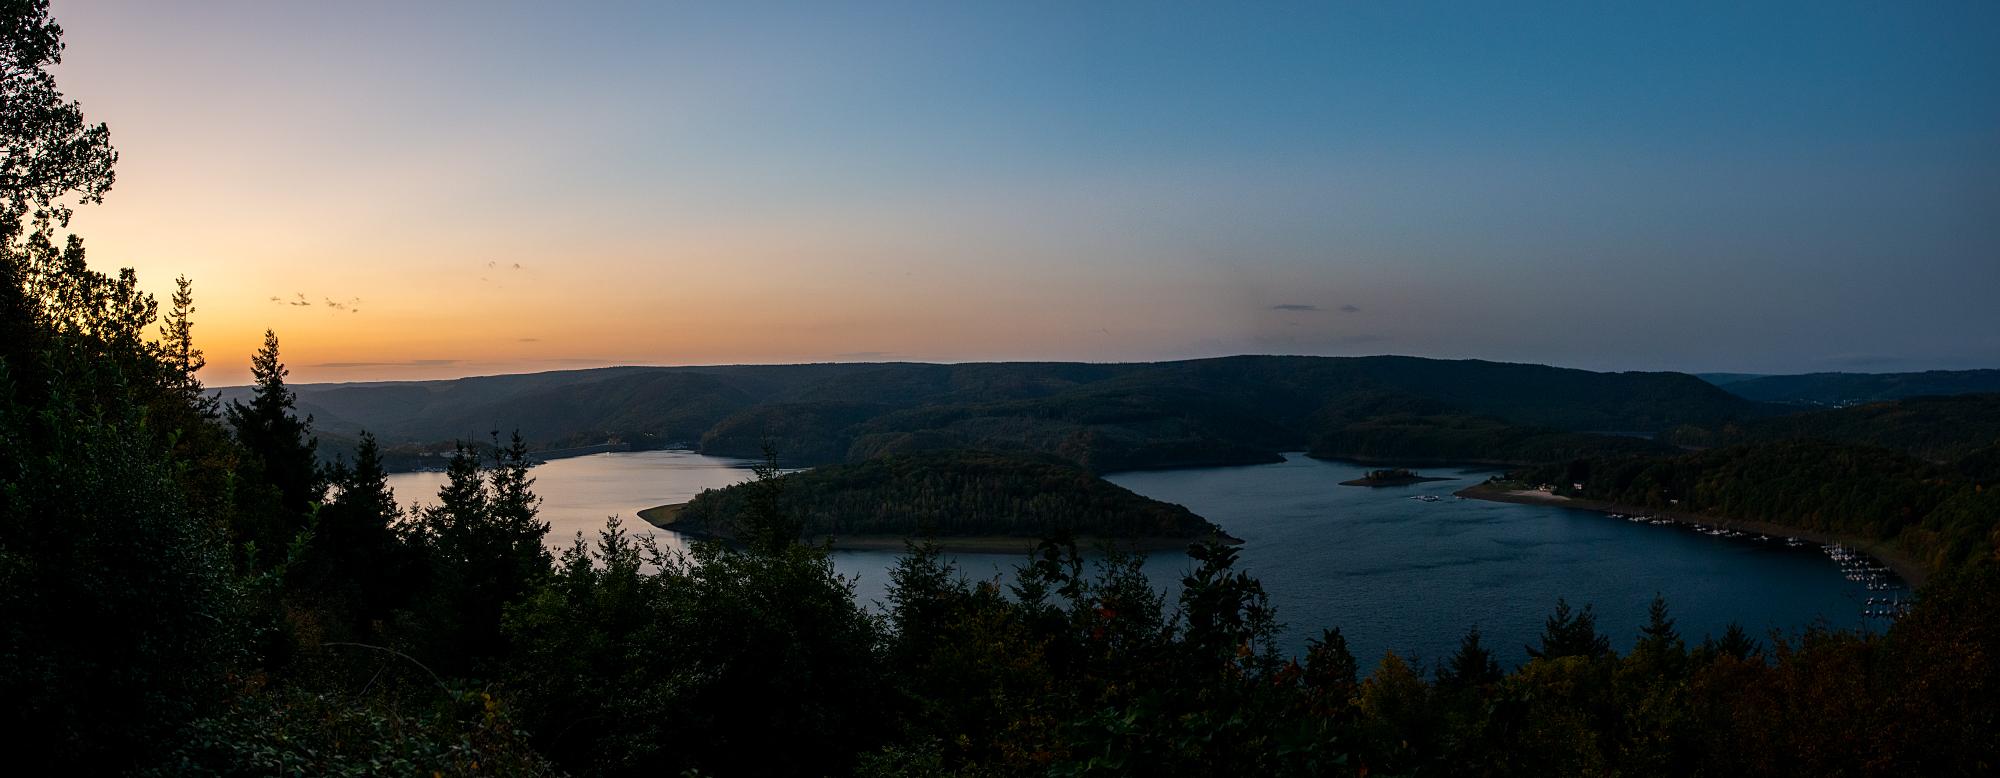 Das ist er, unser Panorama-Blick über den Rursee. So schön am Morgen! Vorteil im Oktober: Man muss dafür nicht allzu früh aufstehen.